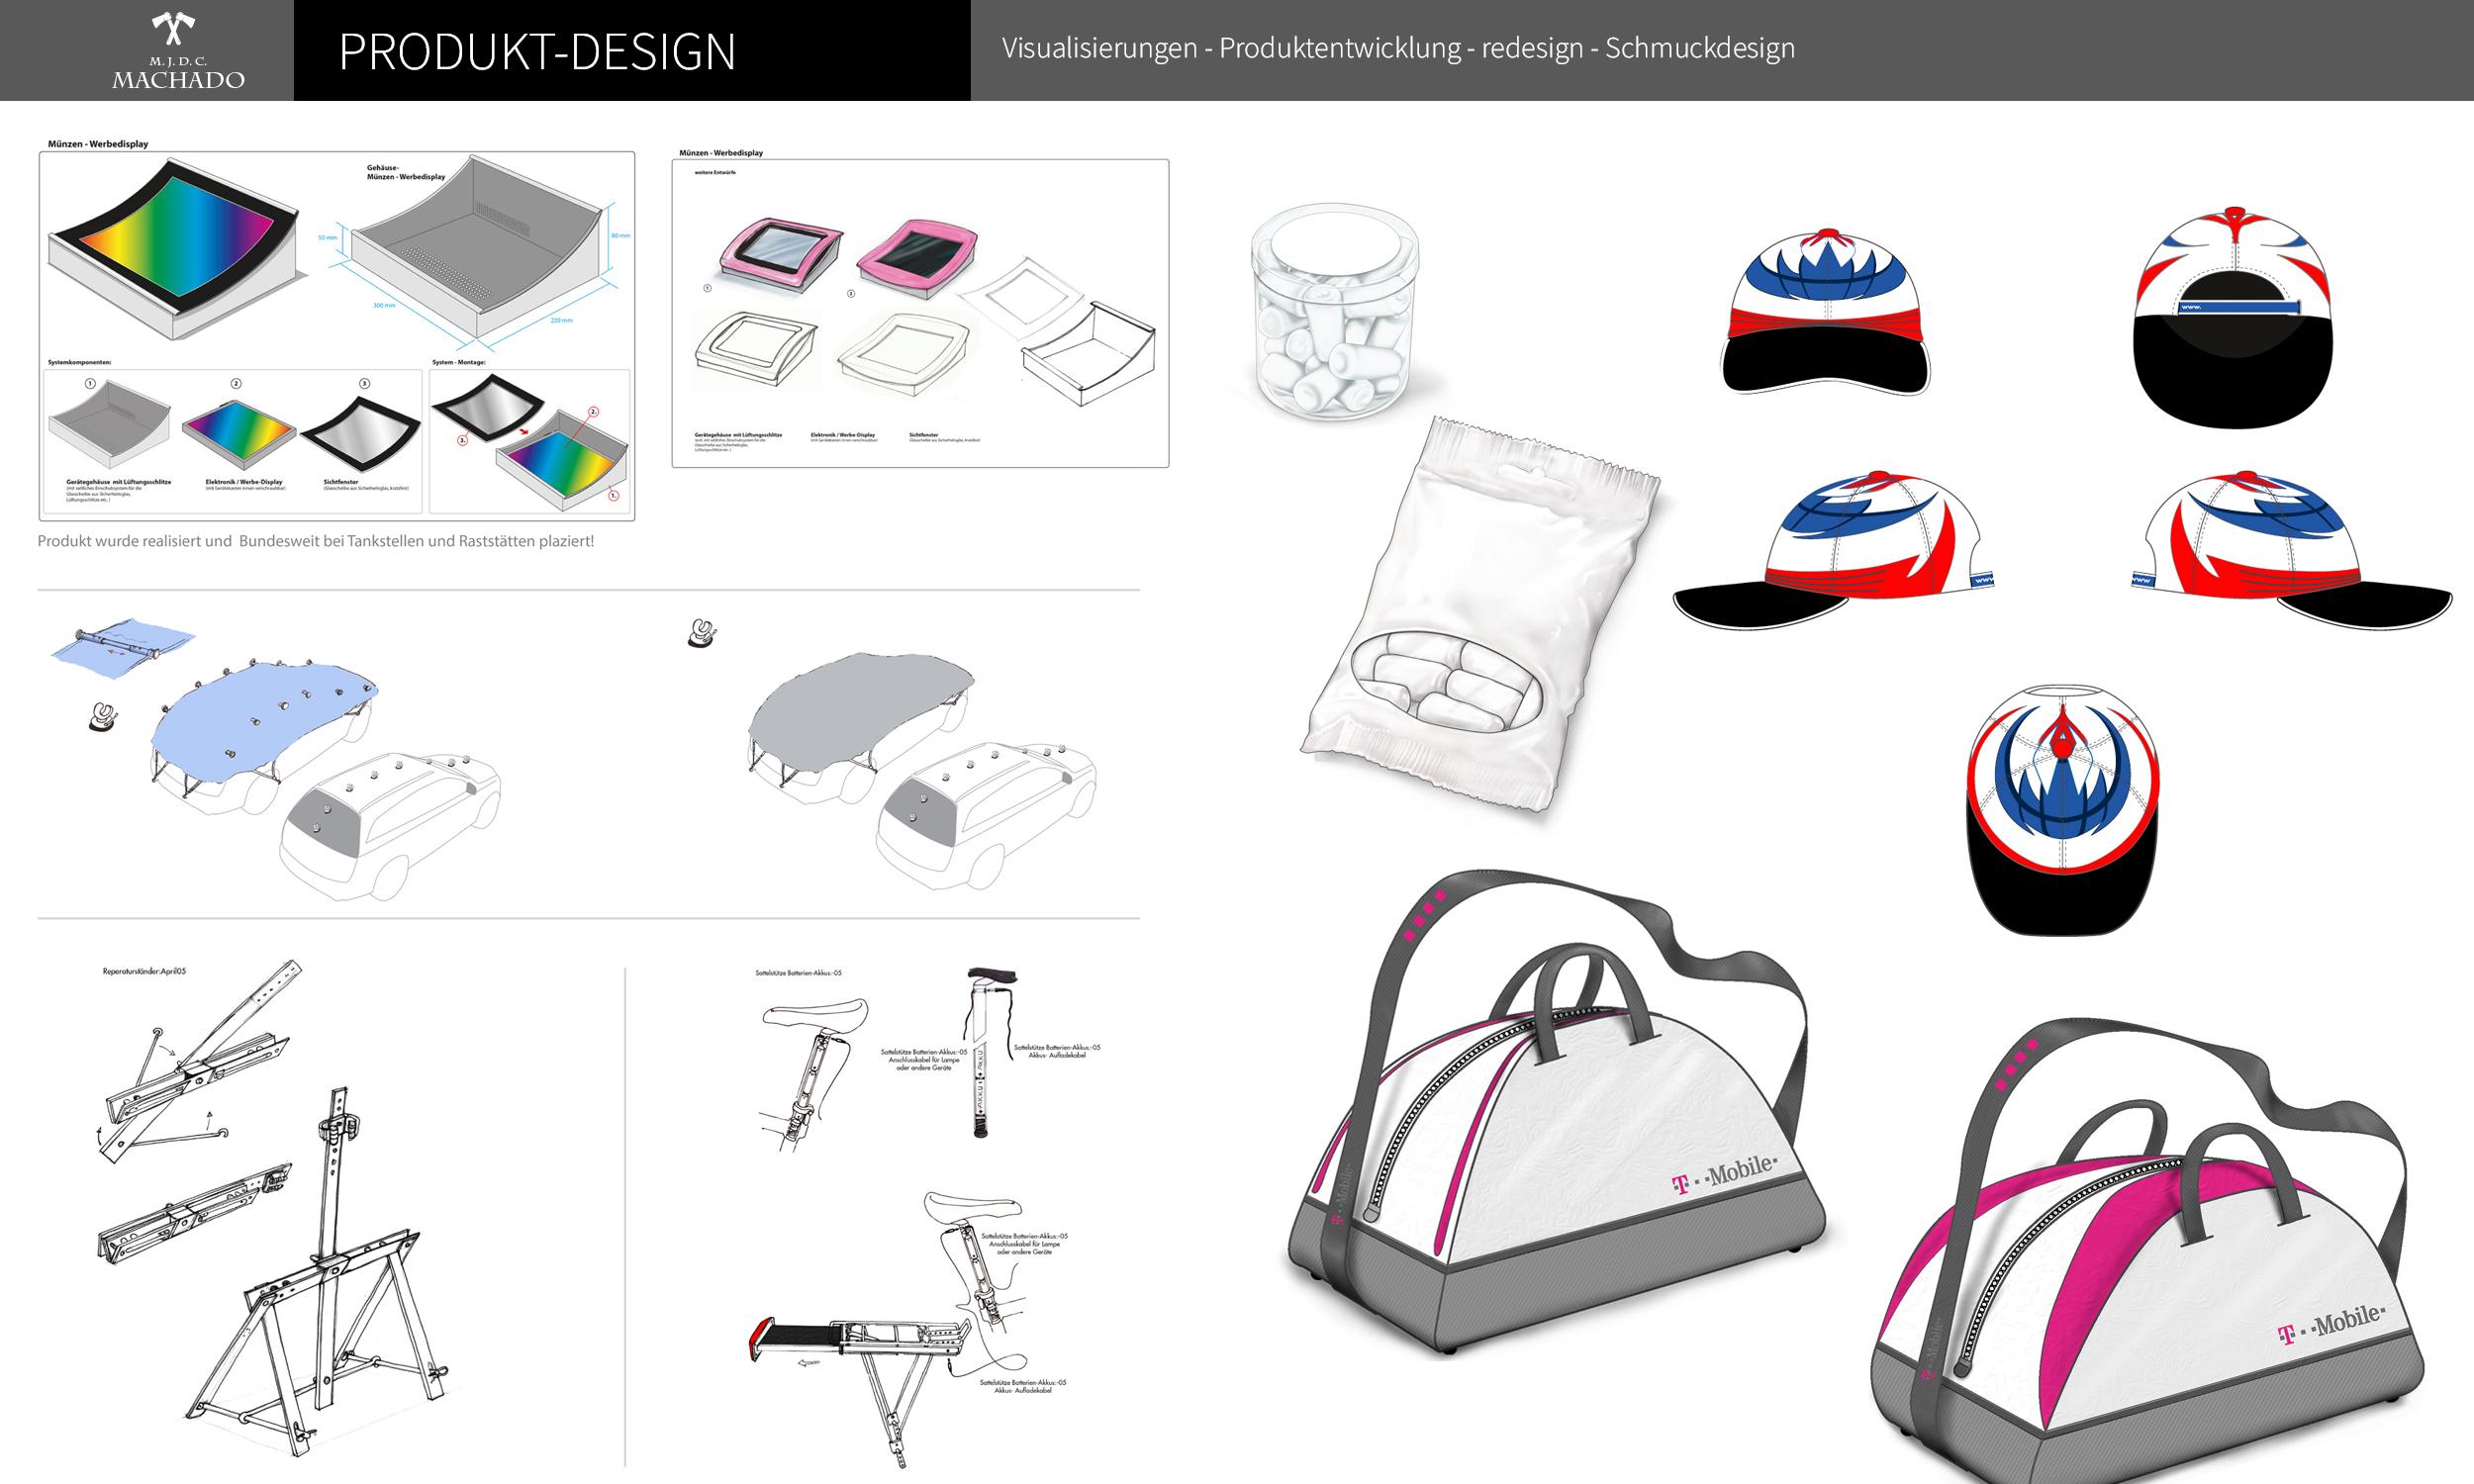 Eine Auswahl aus dem Bereich Produktdesign